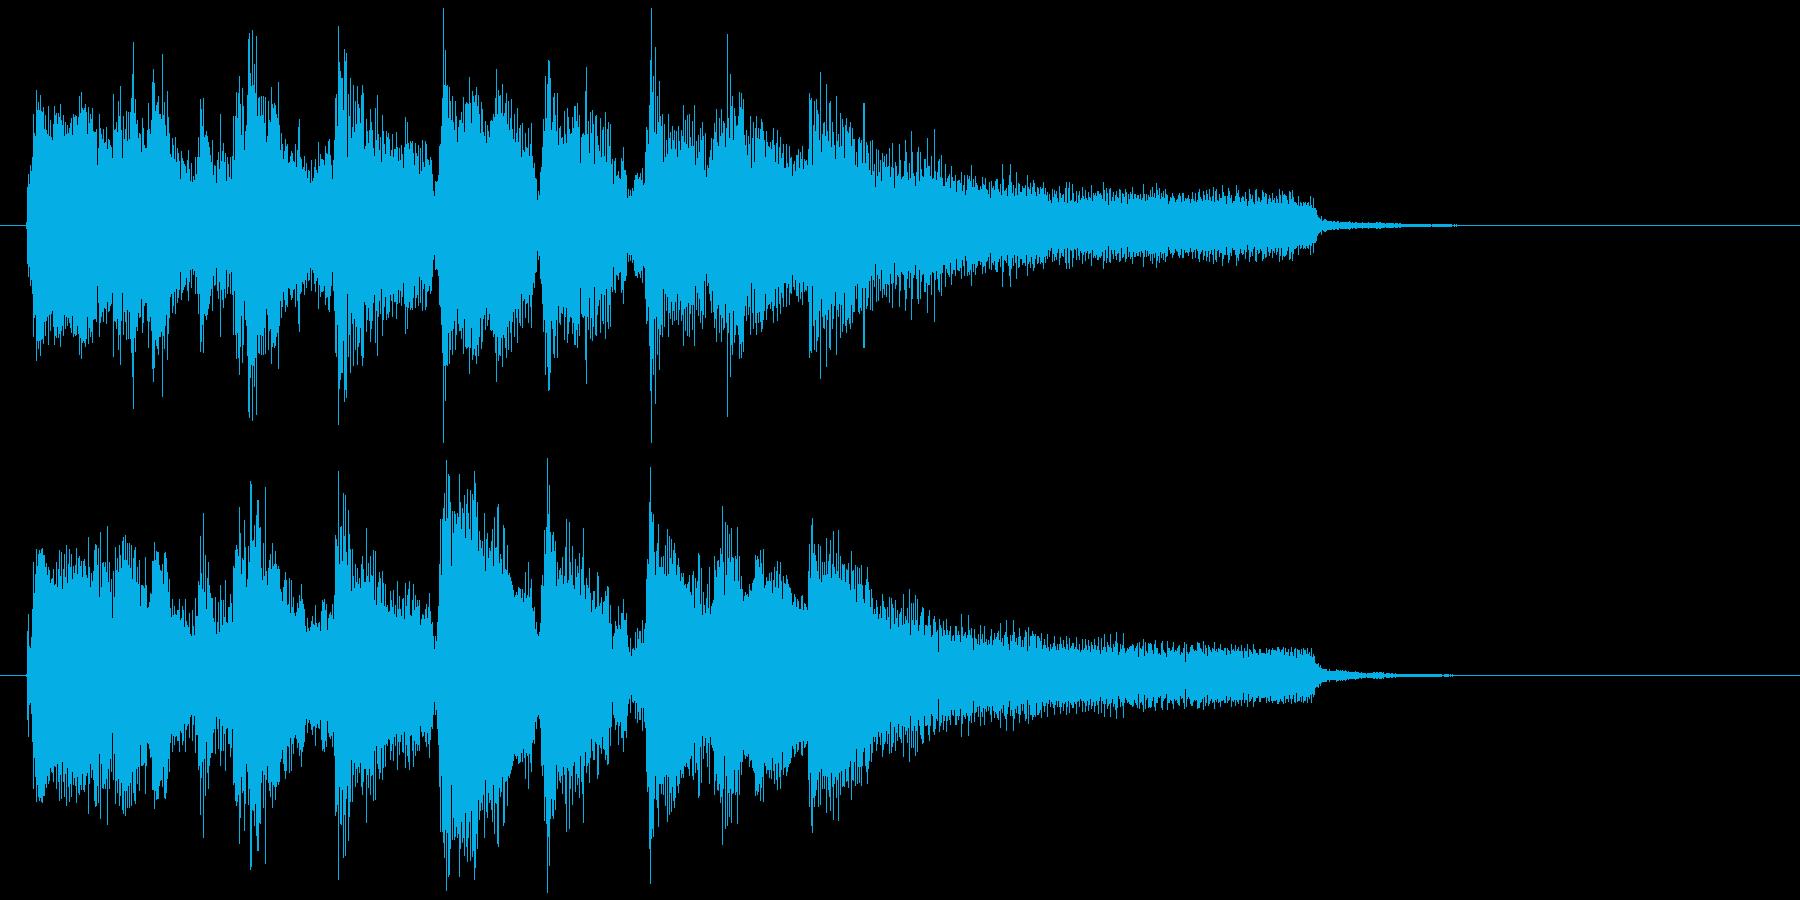 ジャズ・サックス生演奏の爽やかなジングルの再生済みの波形